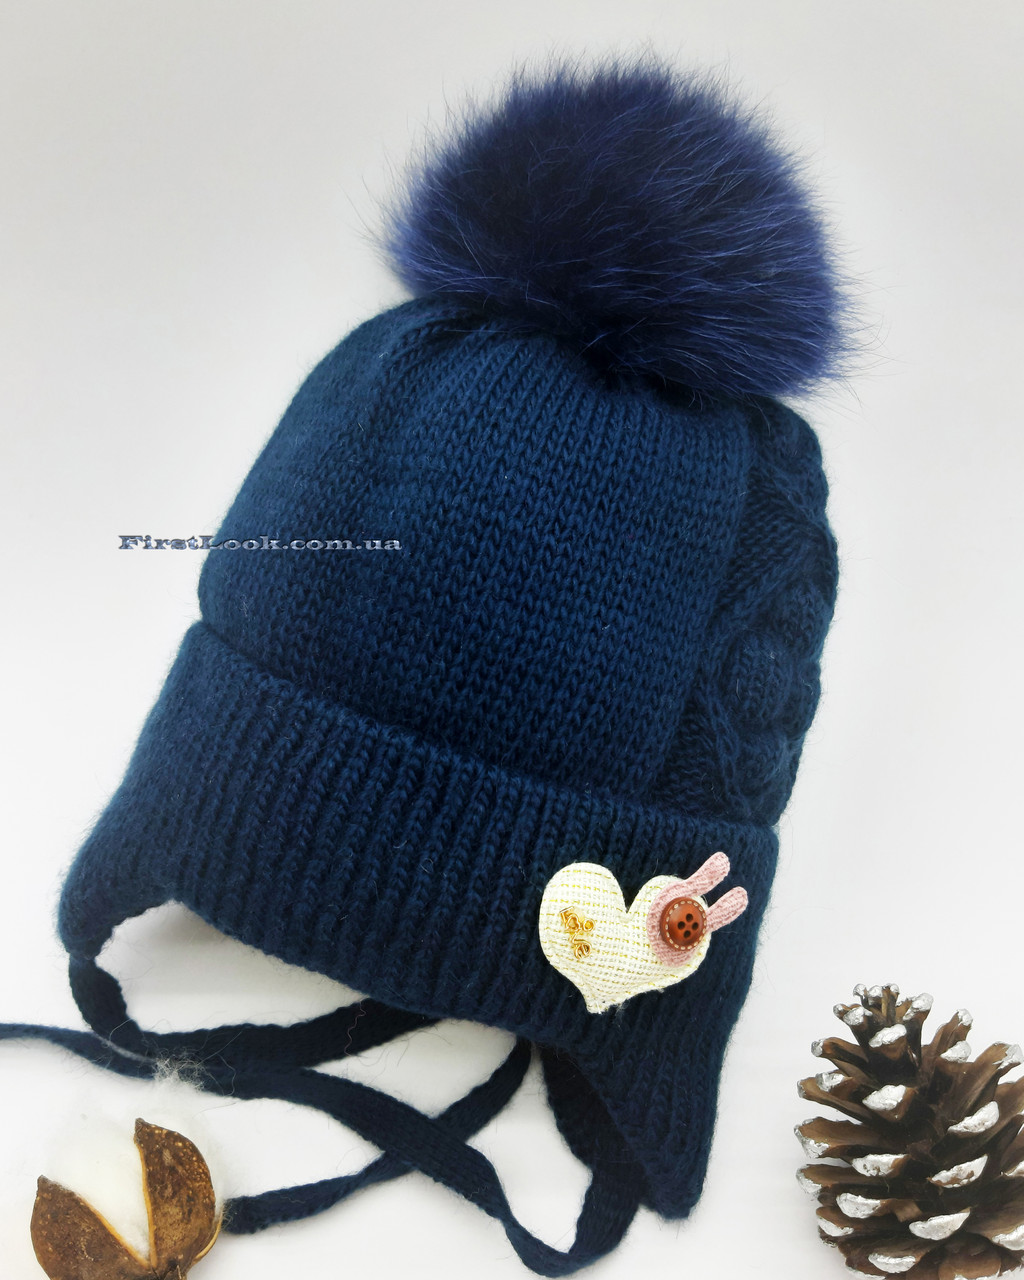 Детская зимняя вязаная шапка на девочку (3-6 лет), фото 1